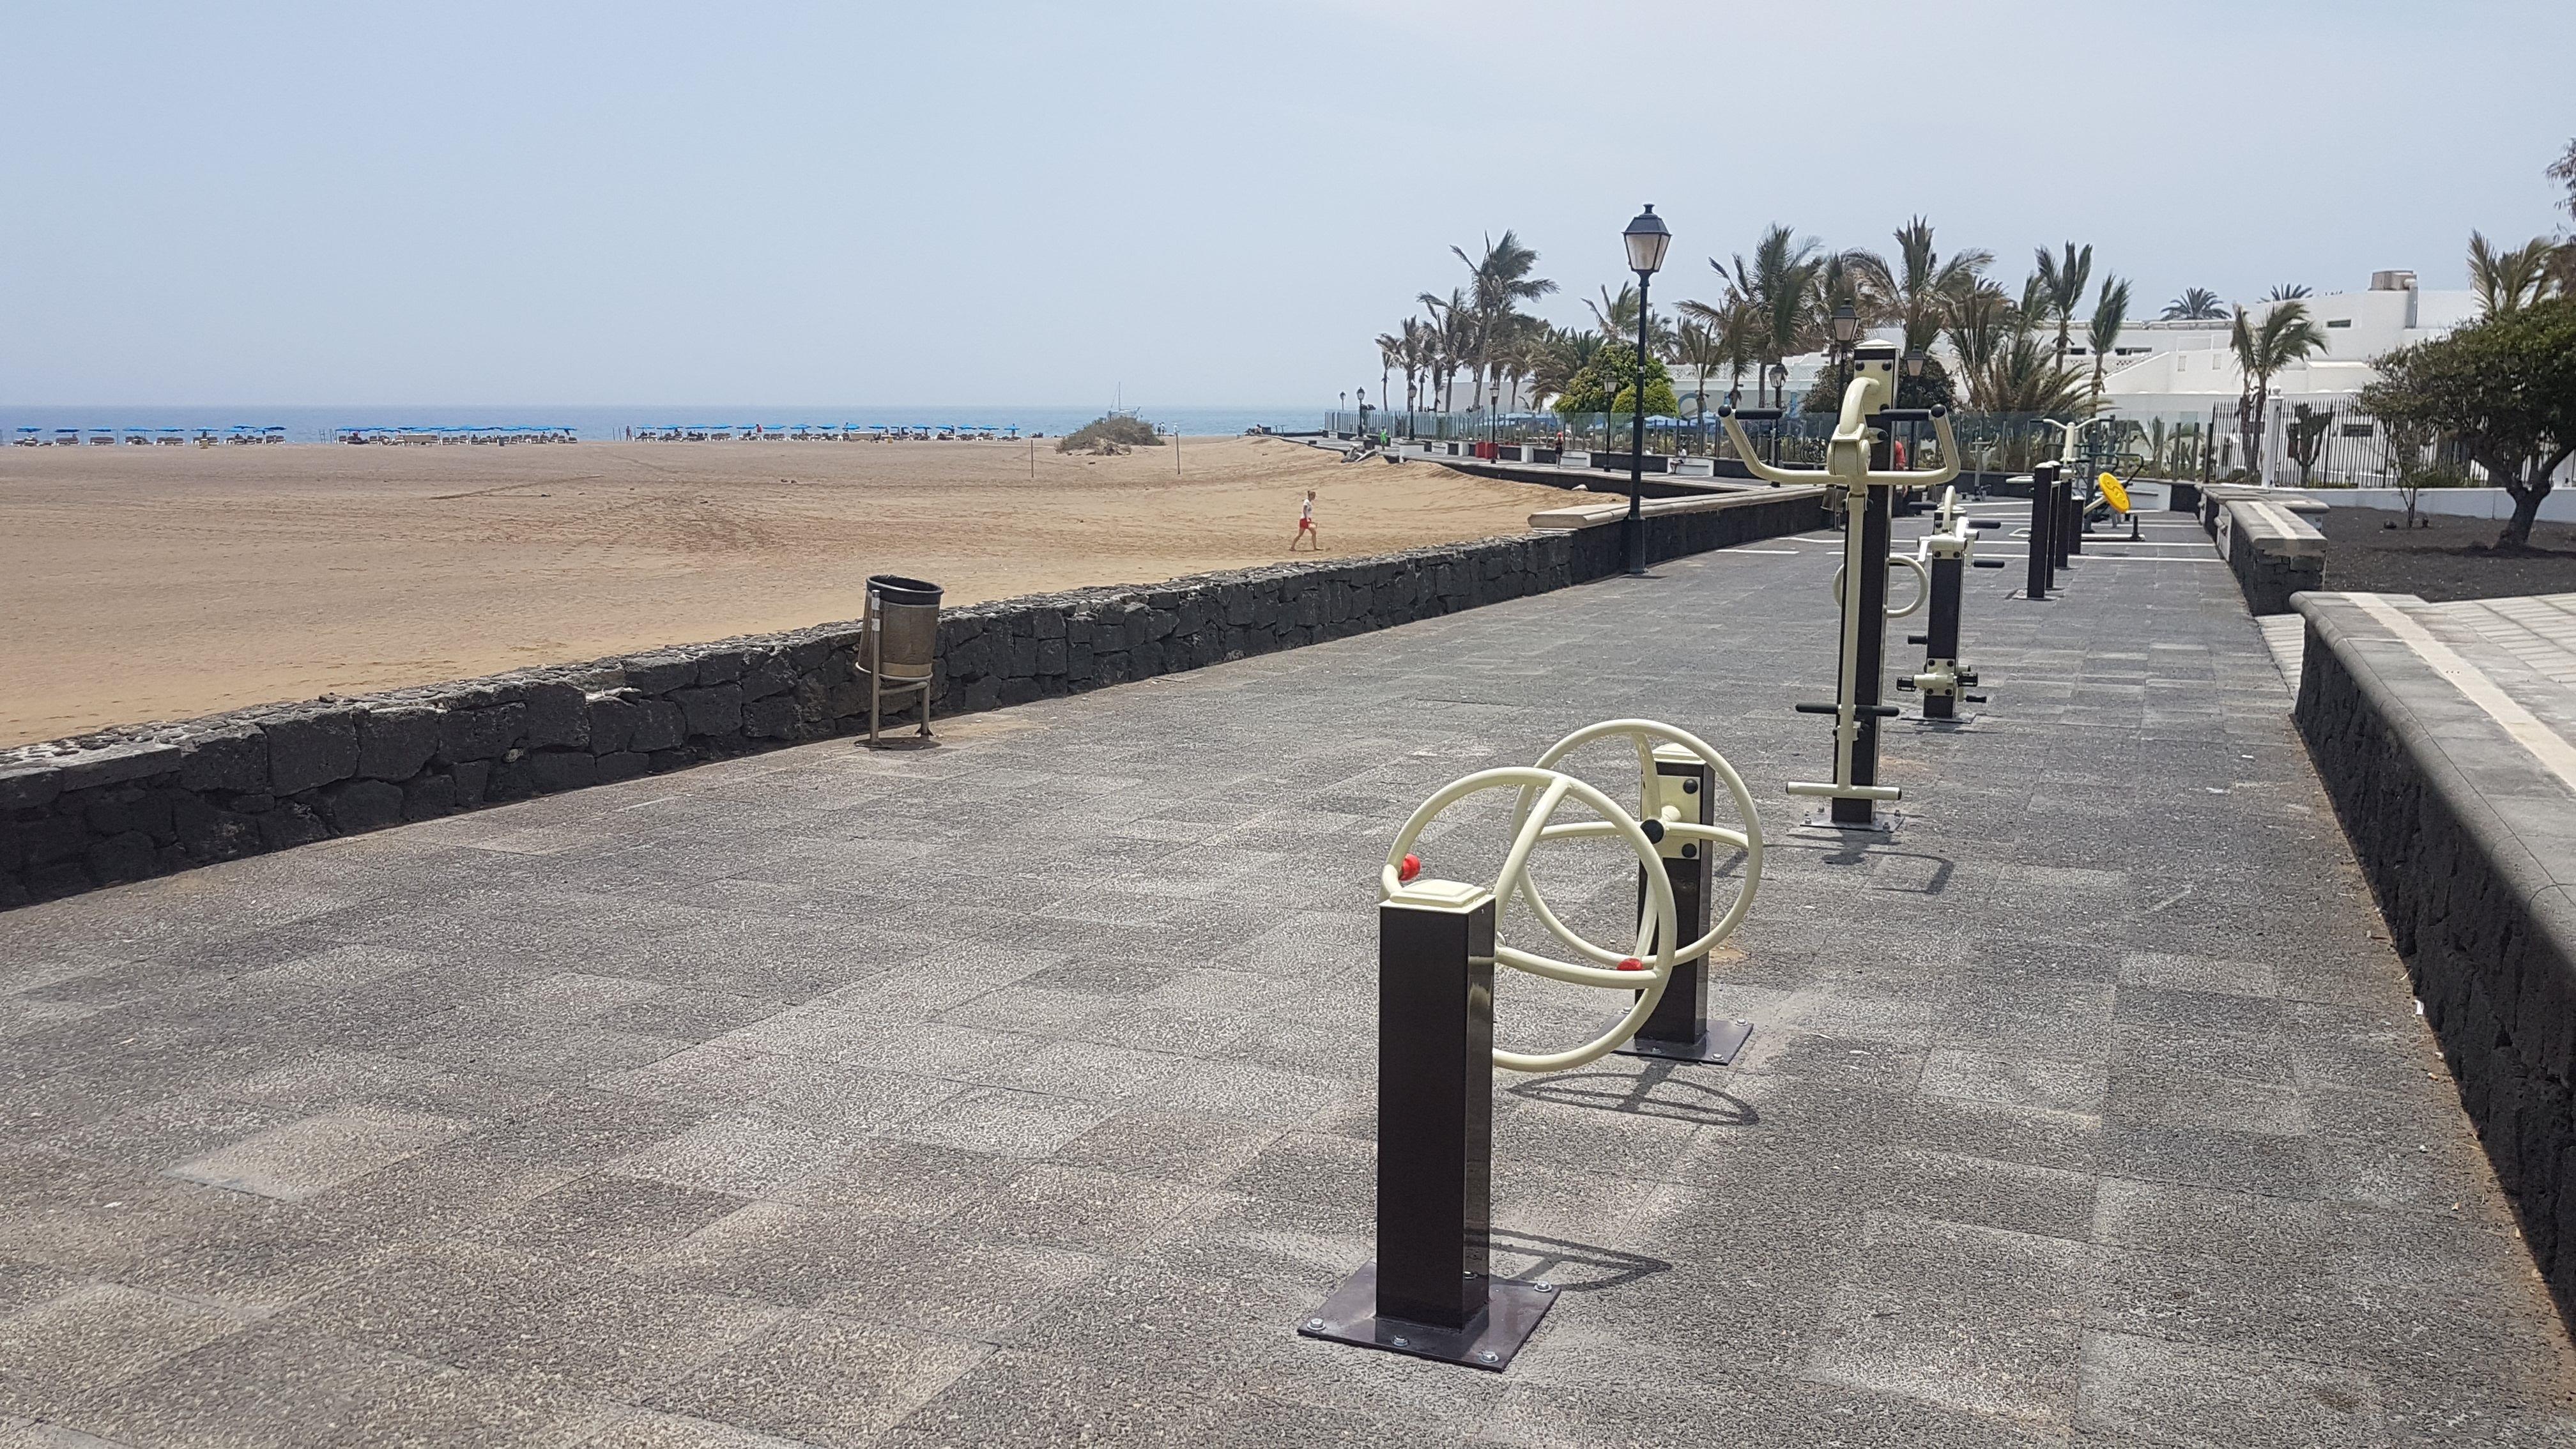 Tías instala en Puerto del Carmen un gimnasio al aire libre para personas con discapacidad